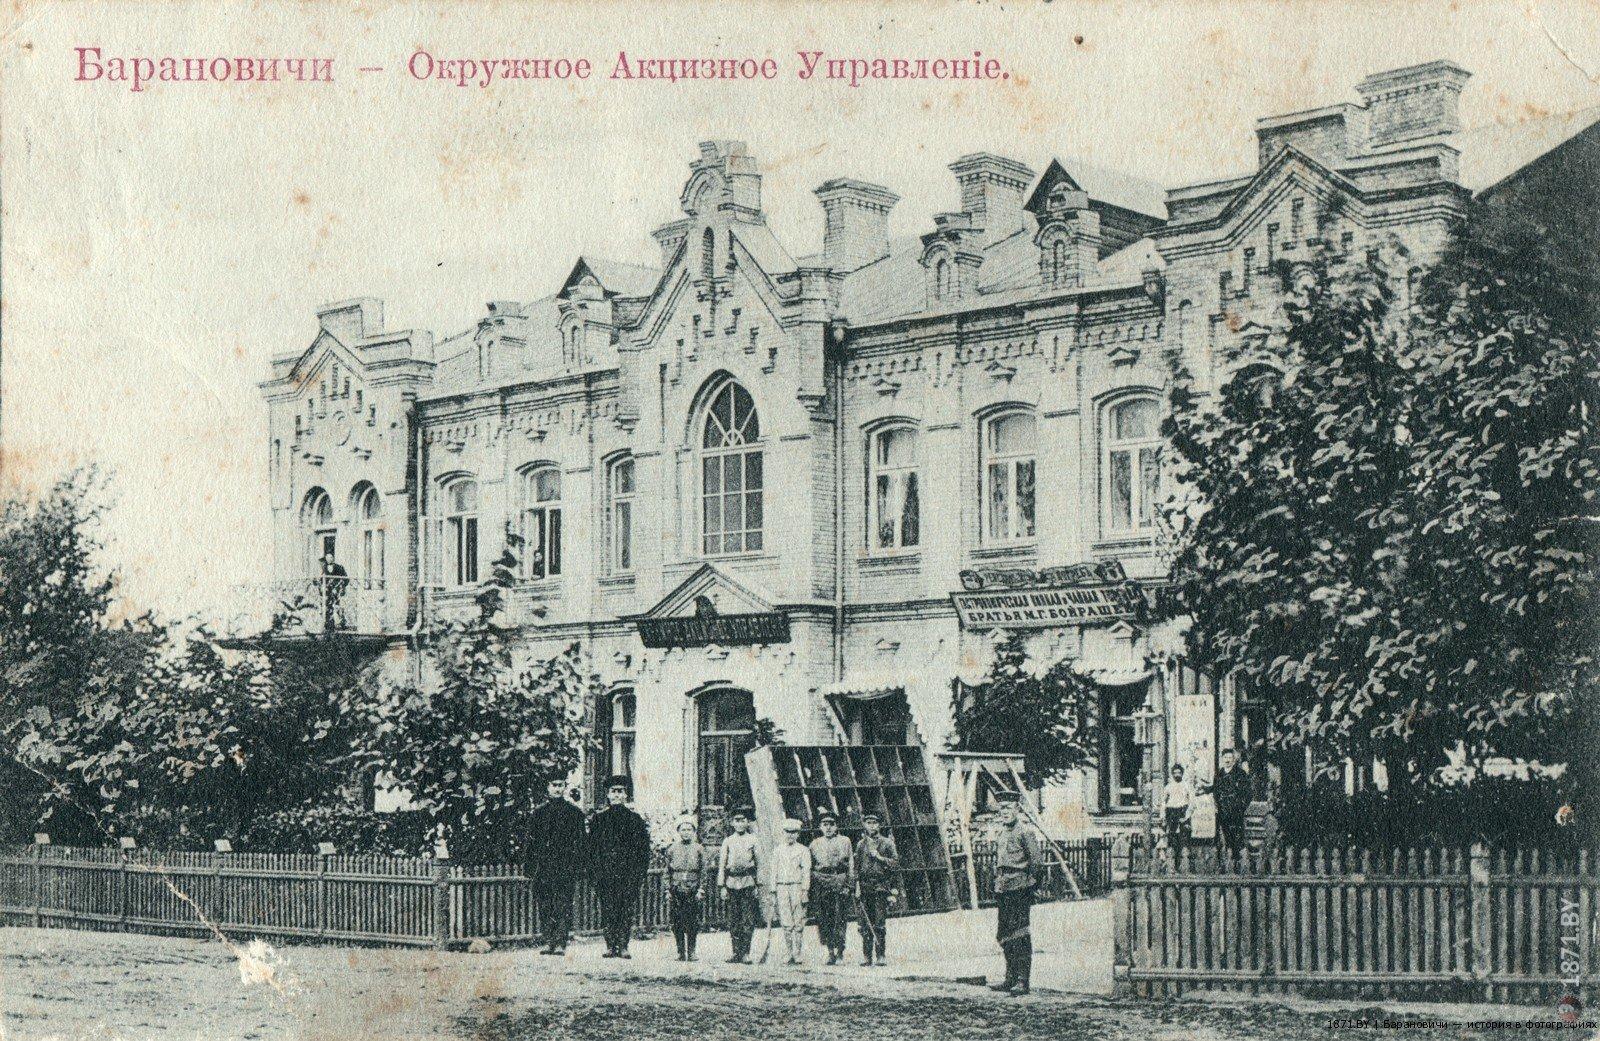 Барановичи. Окружное акцизное управление, 1910